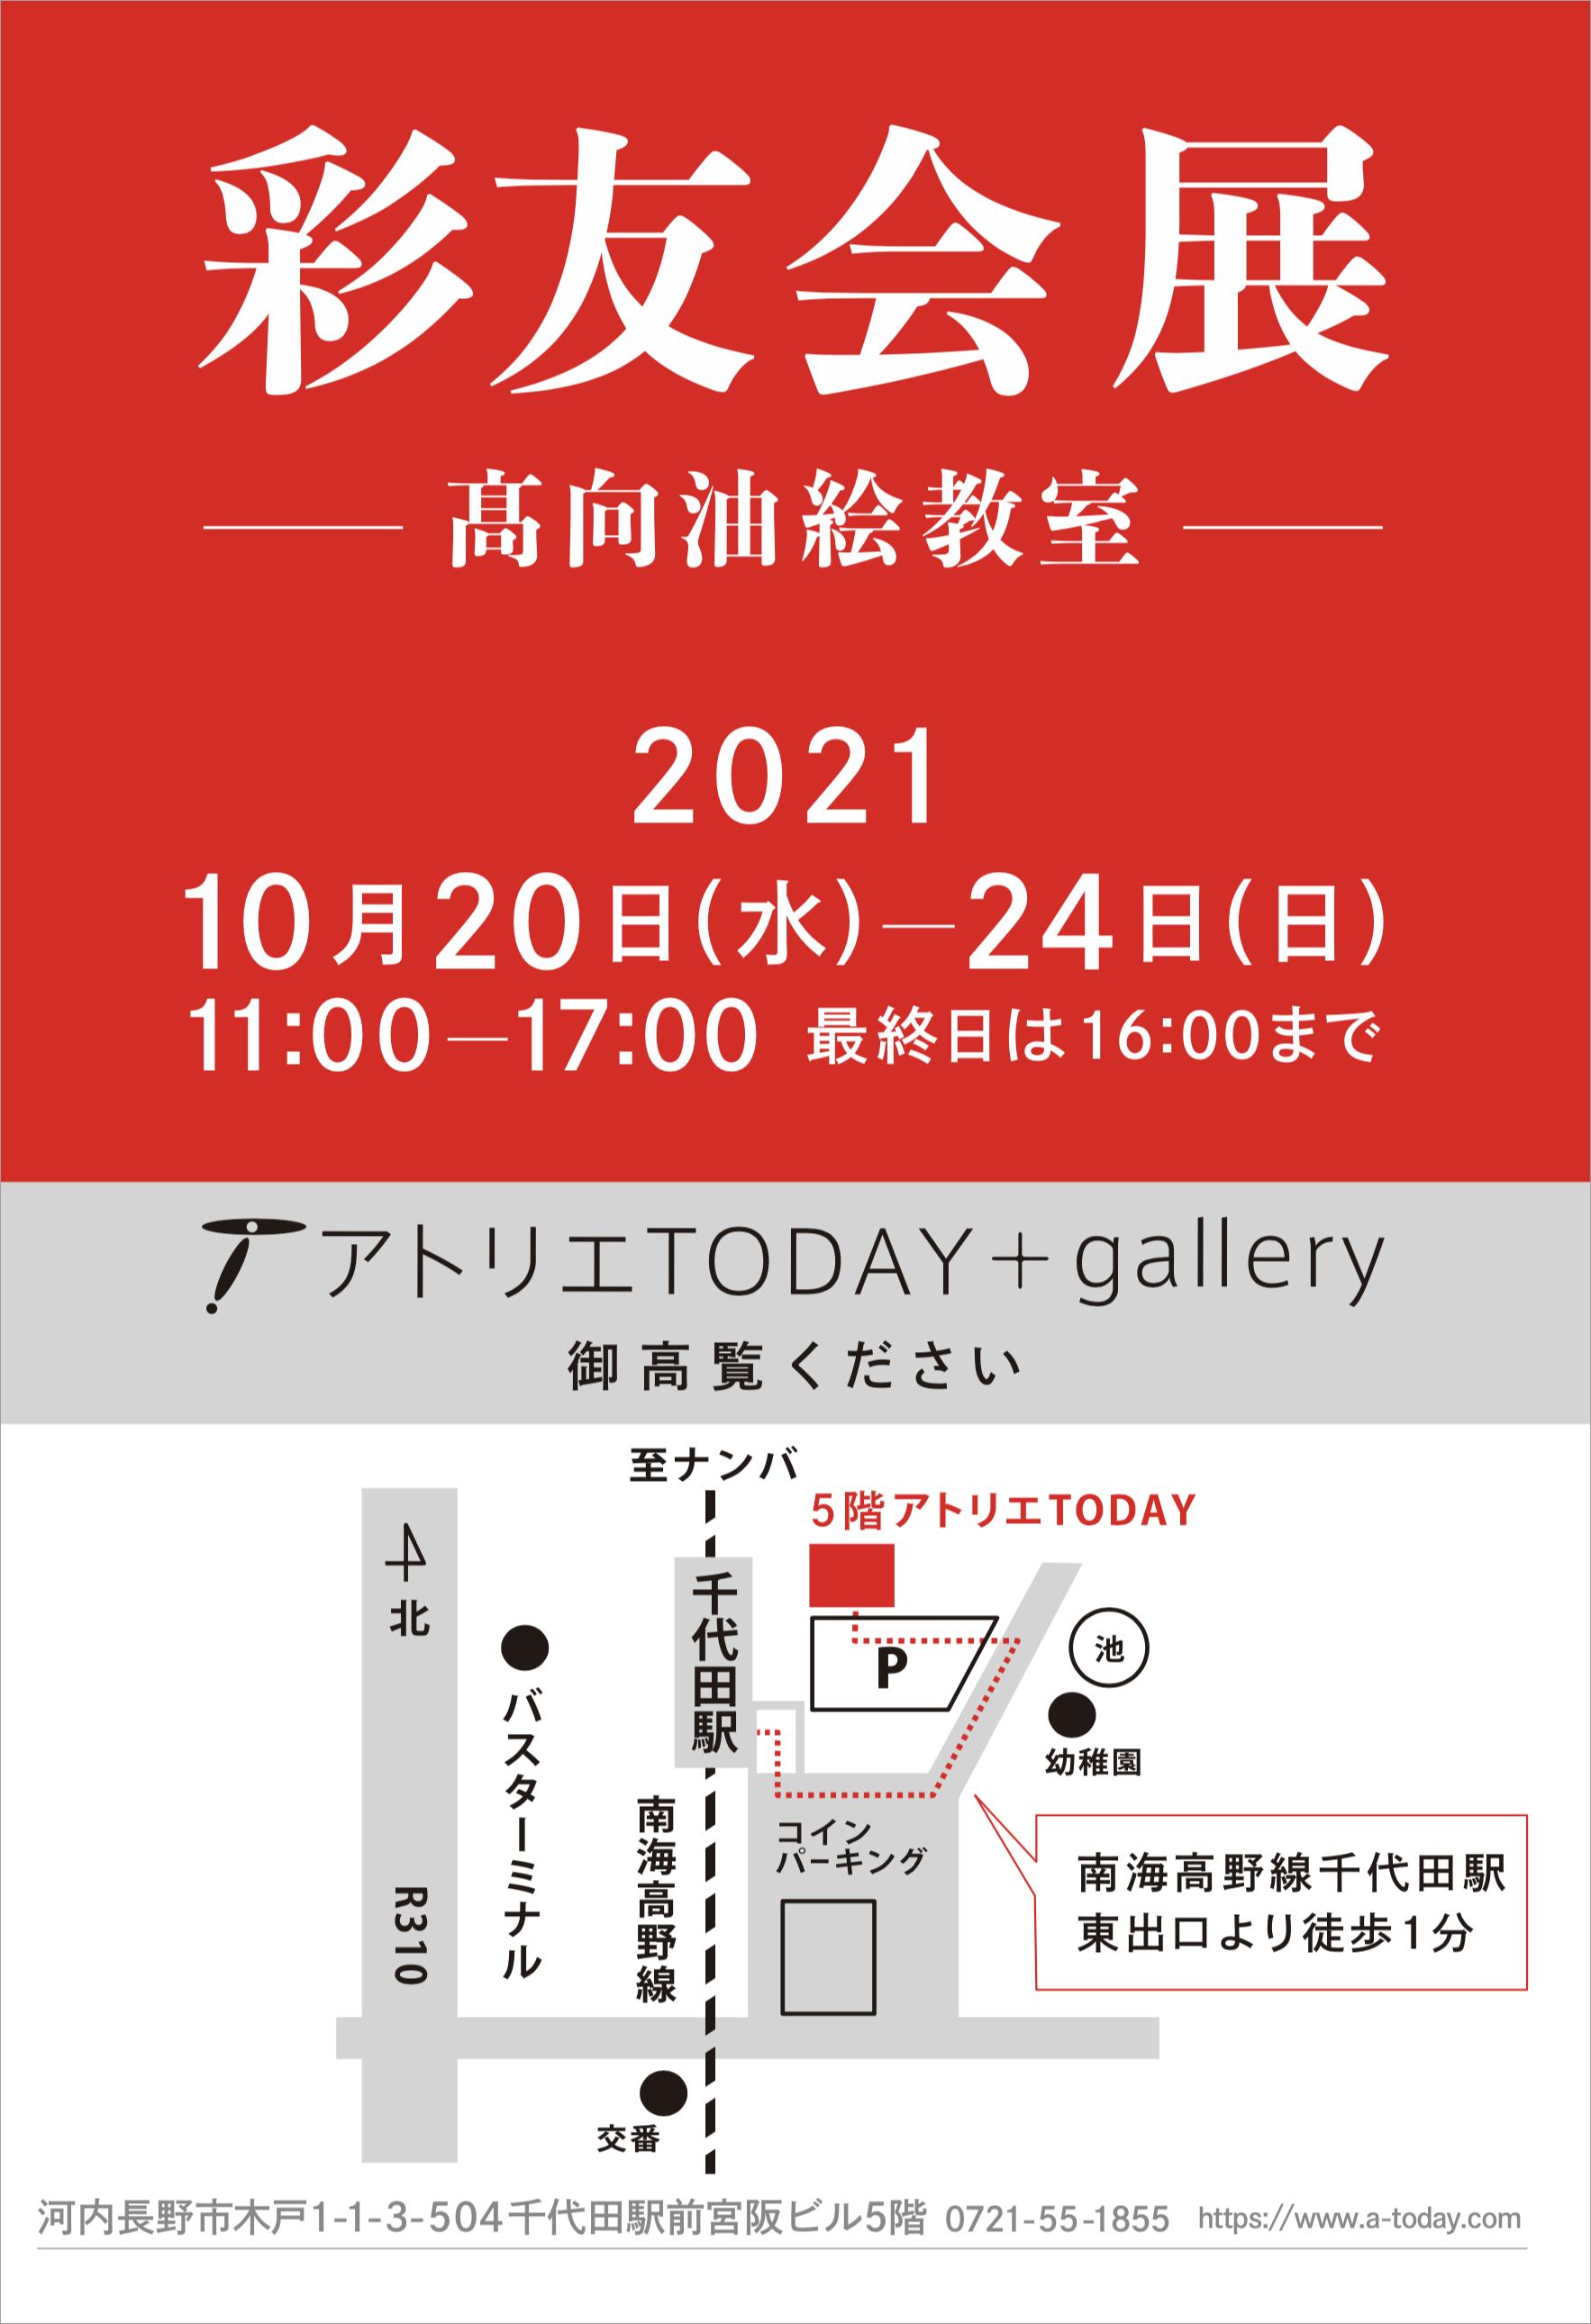 彩友会展 開催 2021/10/20〜10/24_b0212226_14381386.png